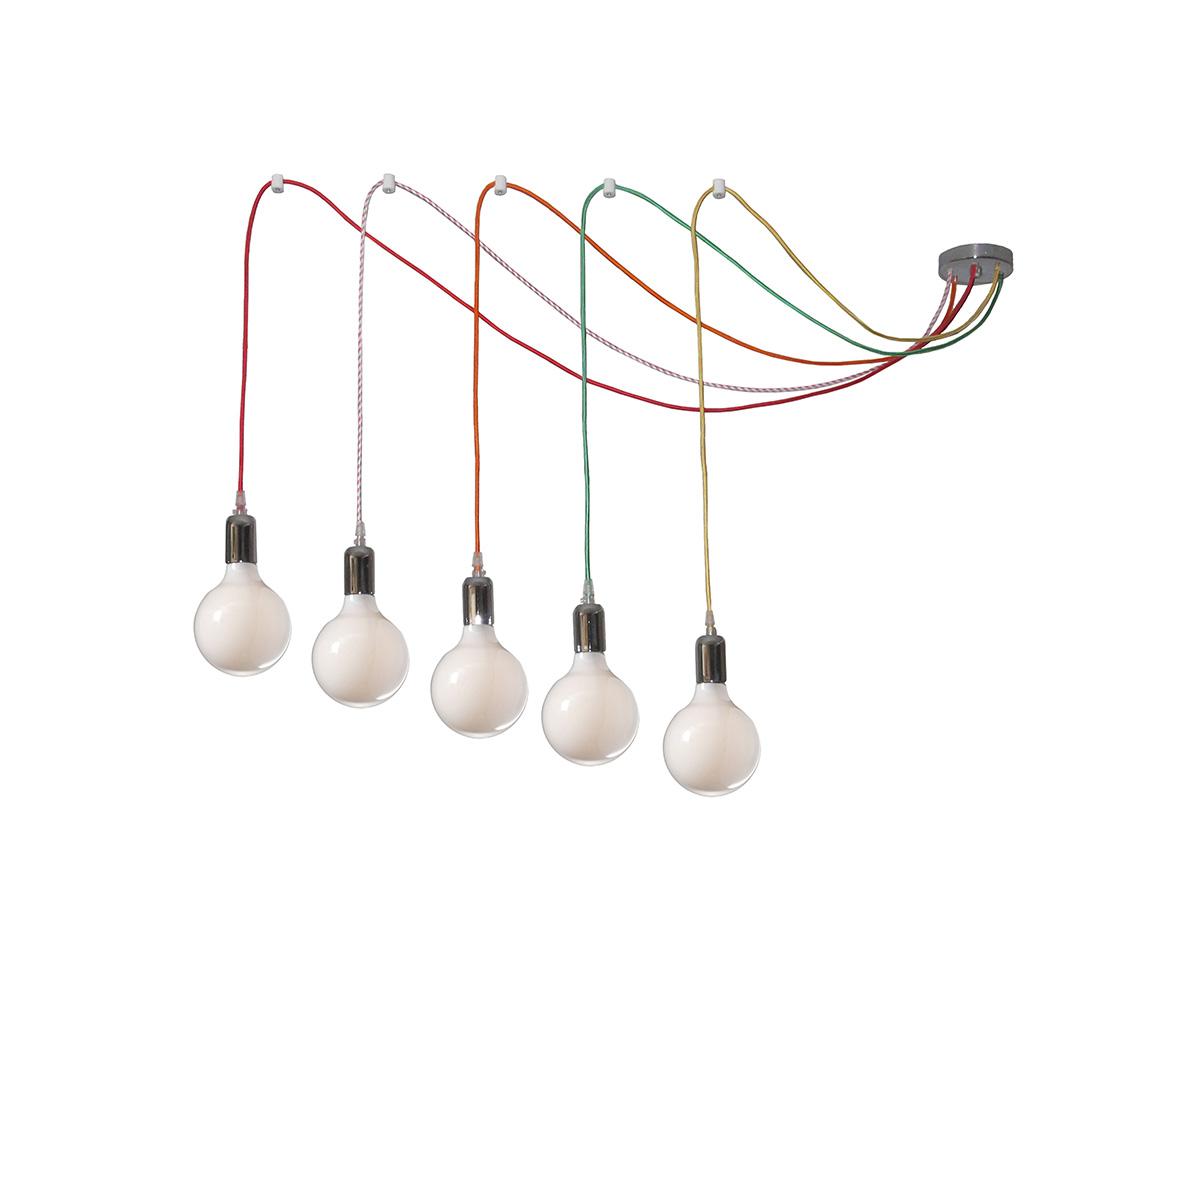 5φωτο φωτιστικό με χρωματιστά καλώδια ΚΑΛΩΔΙΑ 5-bulb chandelier with colorful cables